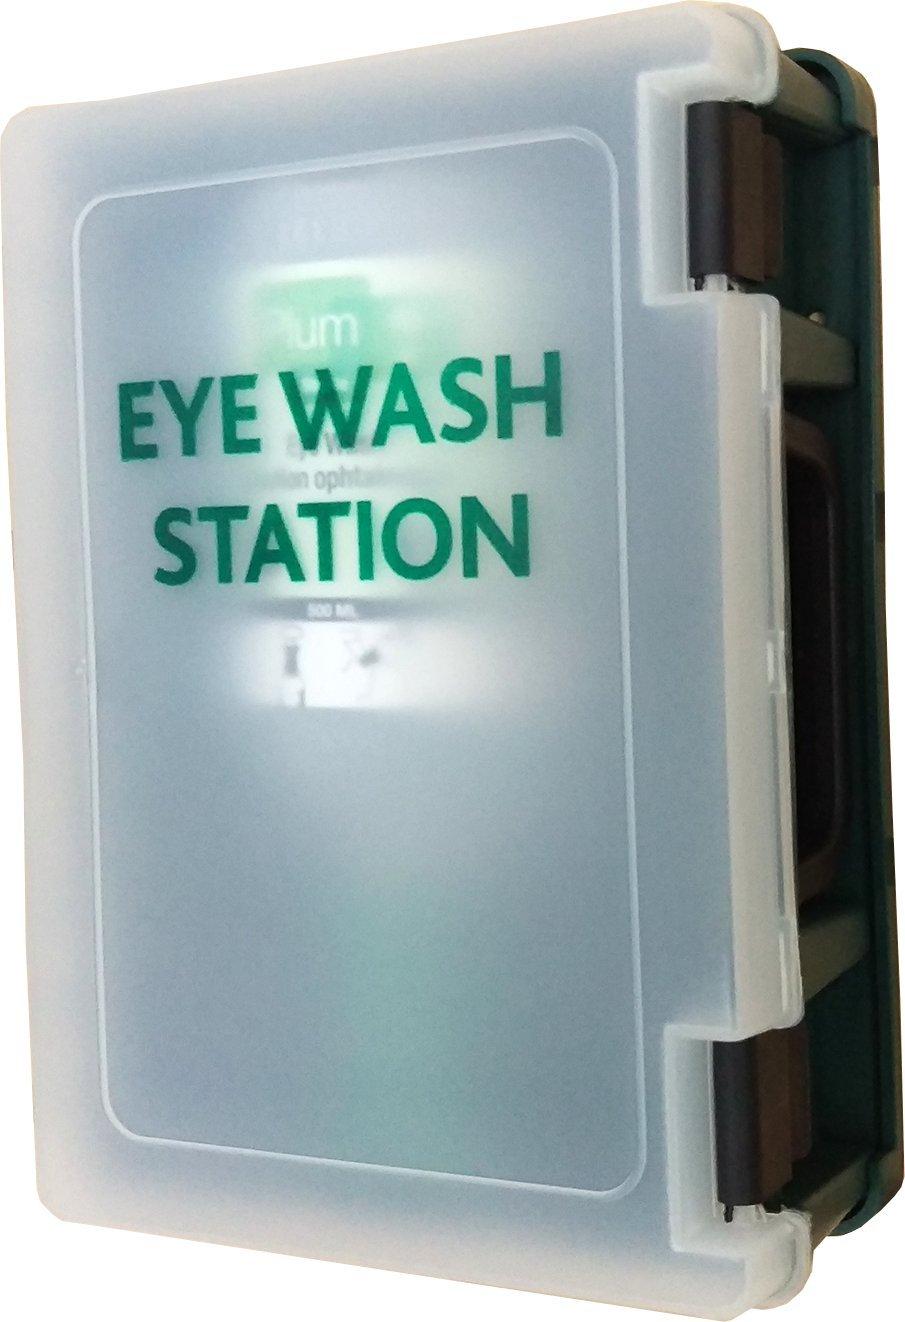 New Plum - Plus Rinse - 46506 Single Eyewash Station - ANSI - Personal Eyewash